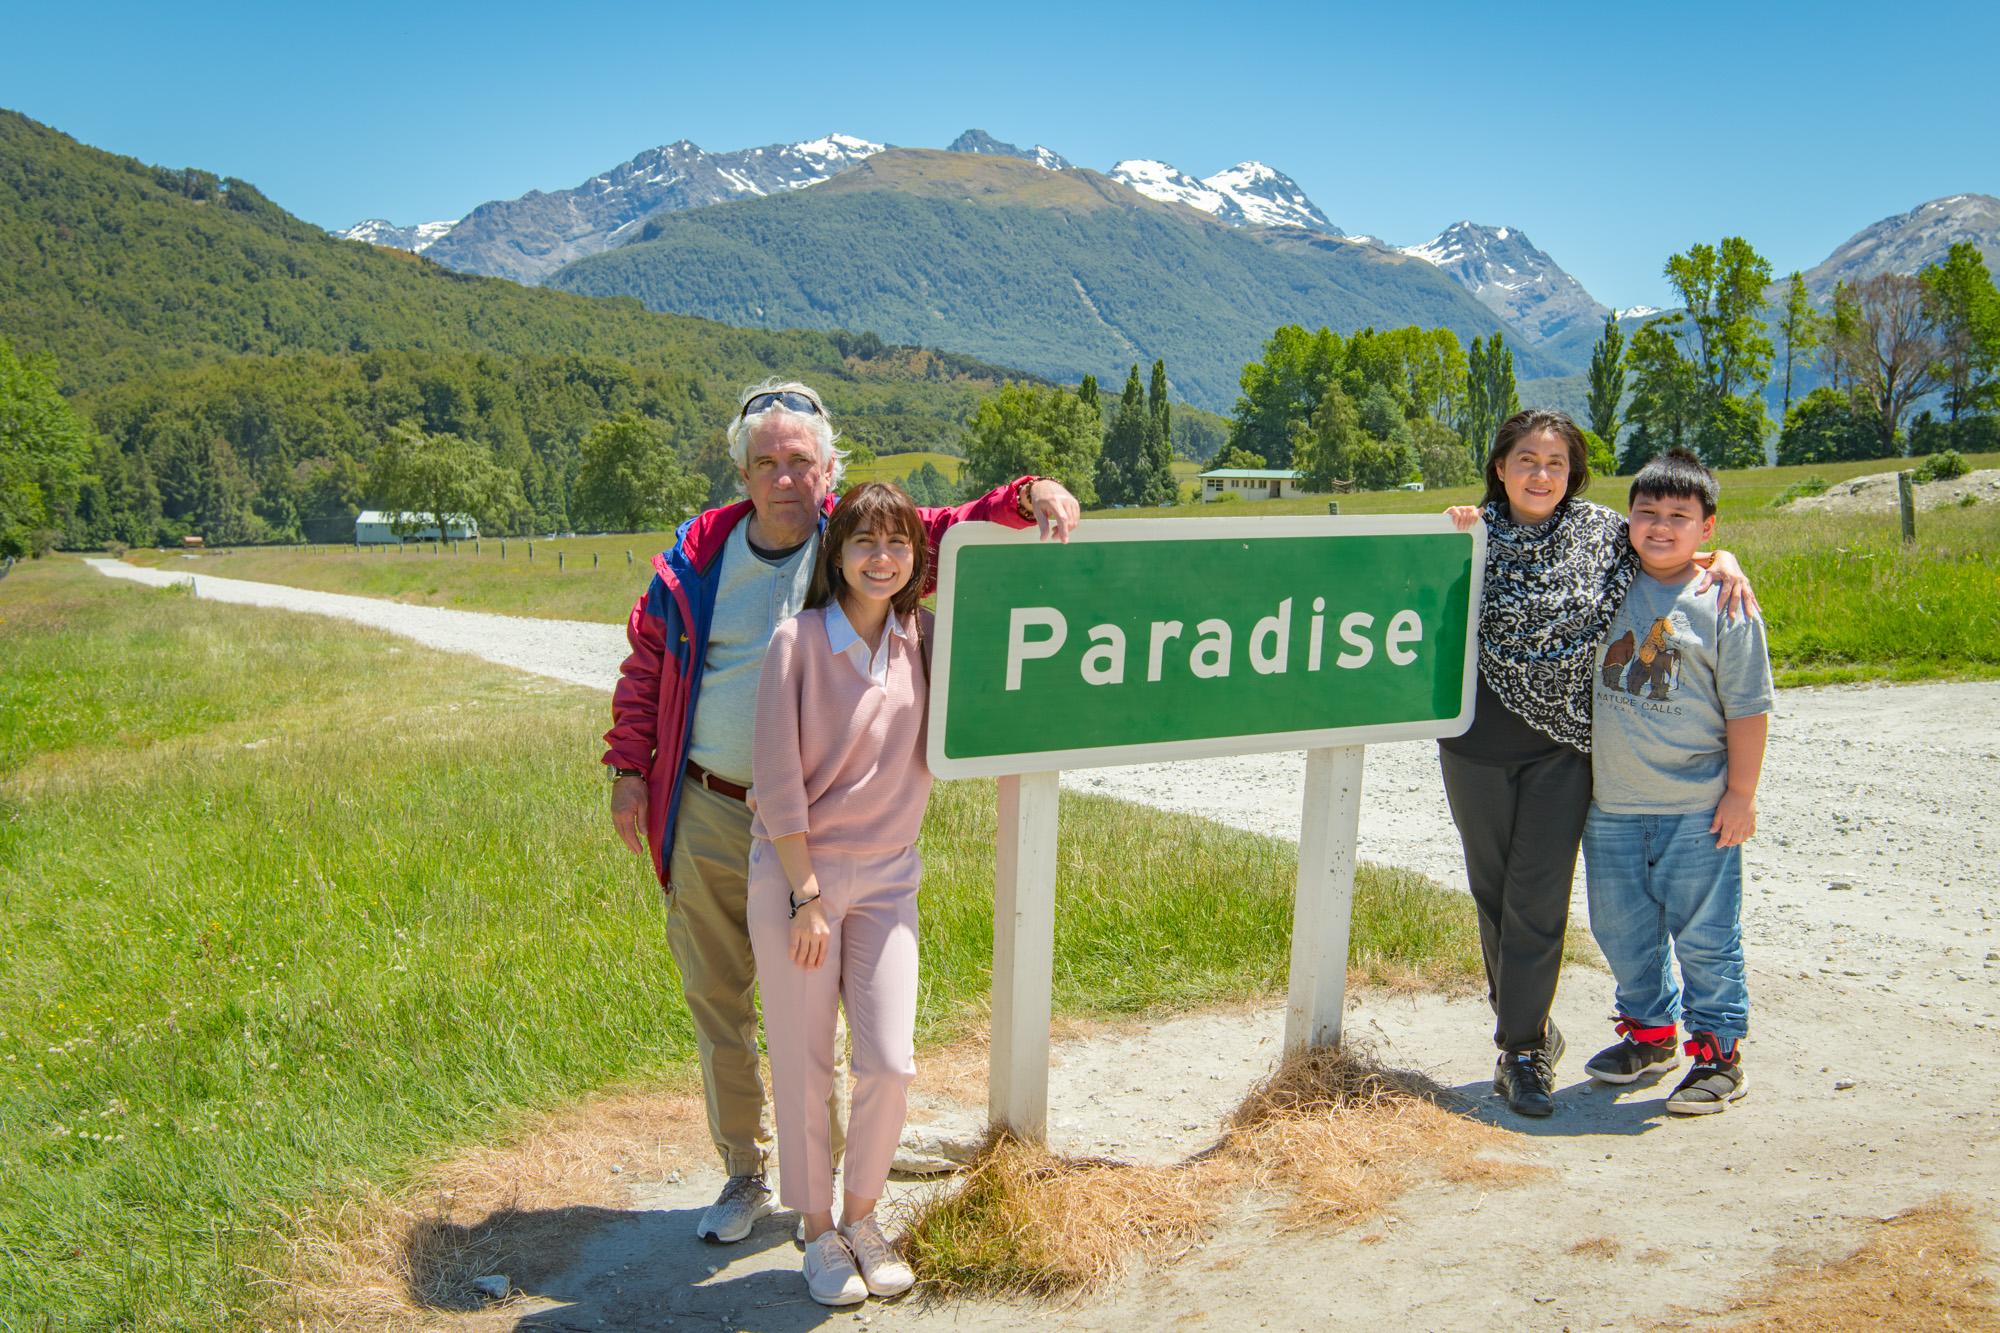 Paradise - A tiny New Zealand township